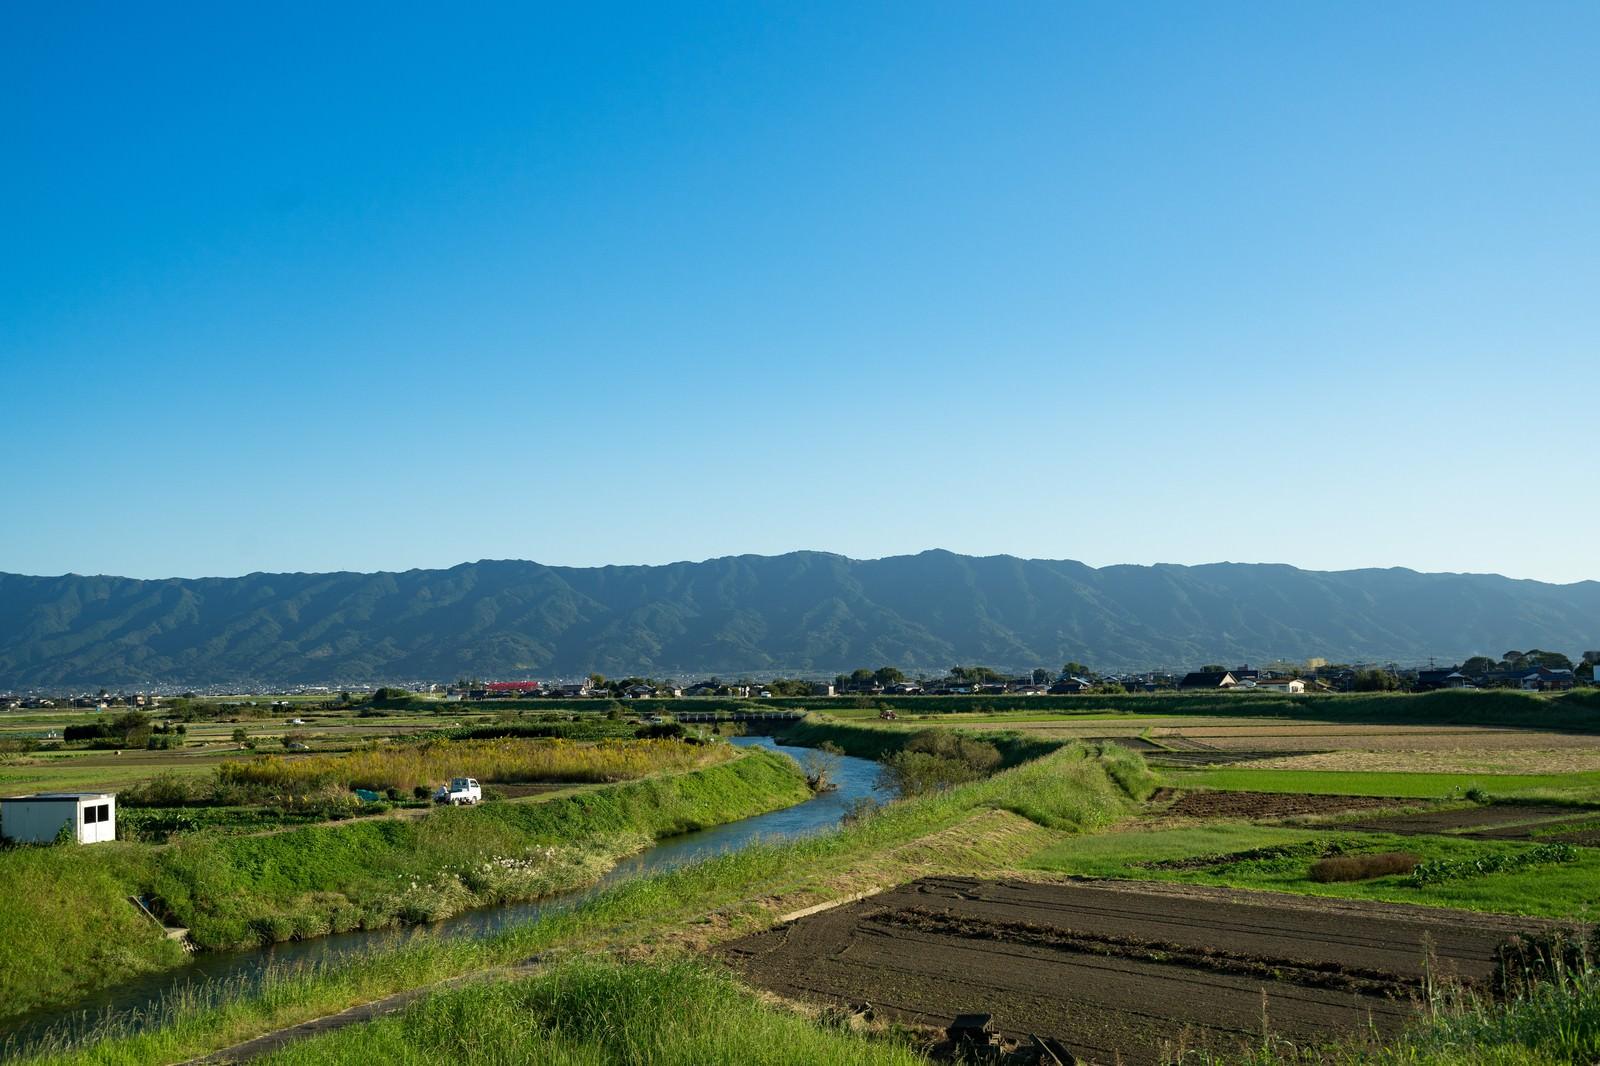 「青空、山、農地のほどよいバランス(福岡県大刀洗)青空、山、農地のほどよいバランス(福岡県大刀洗)」のフリー写真素材を拡大